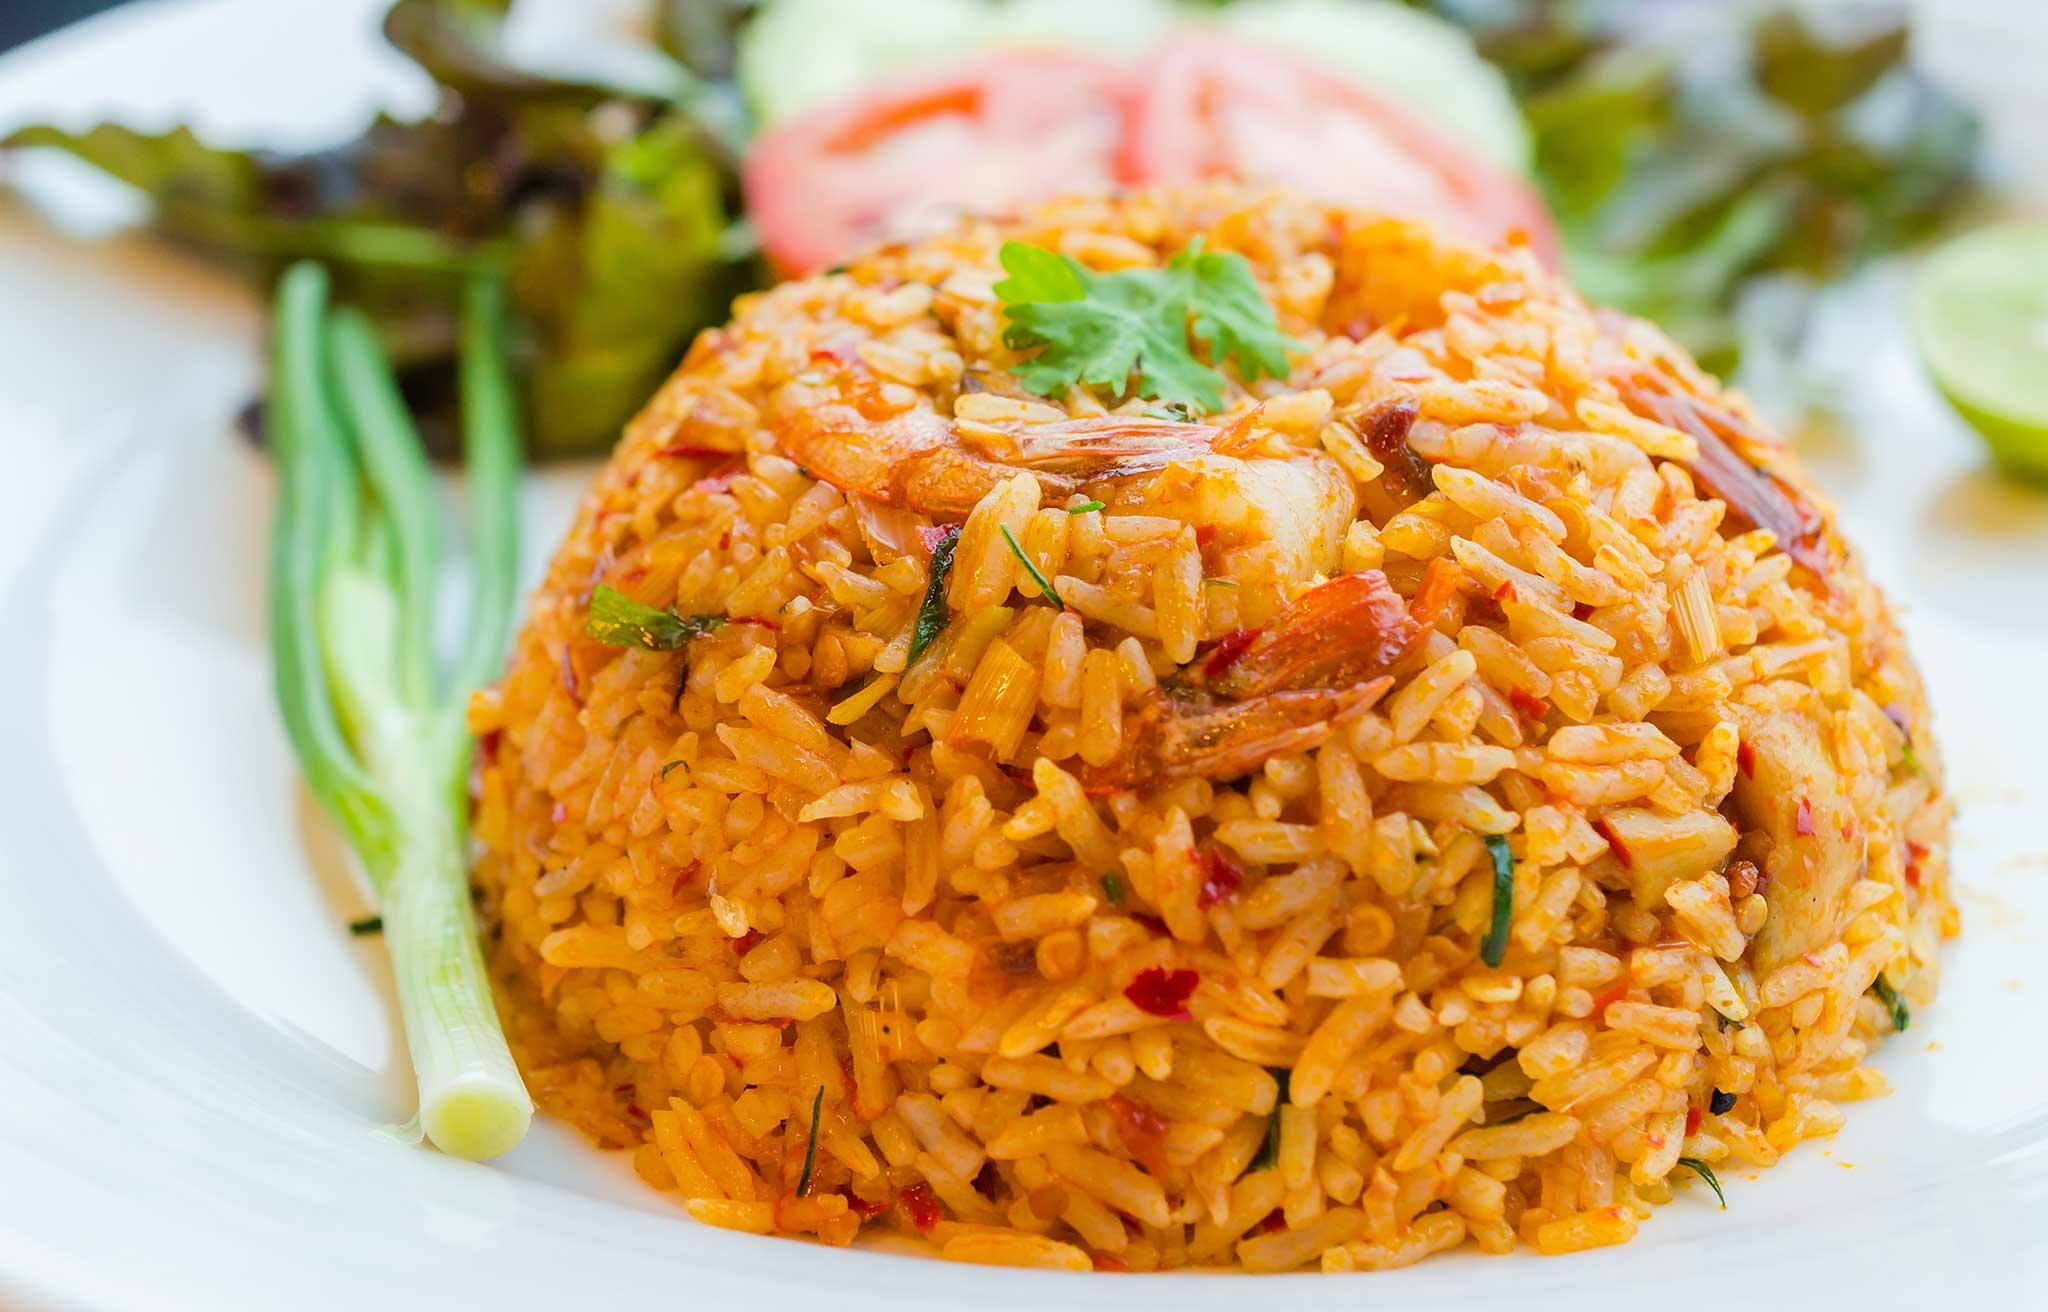 nasi goreng eli indonesialainen paistettu riisi